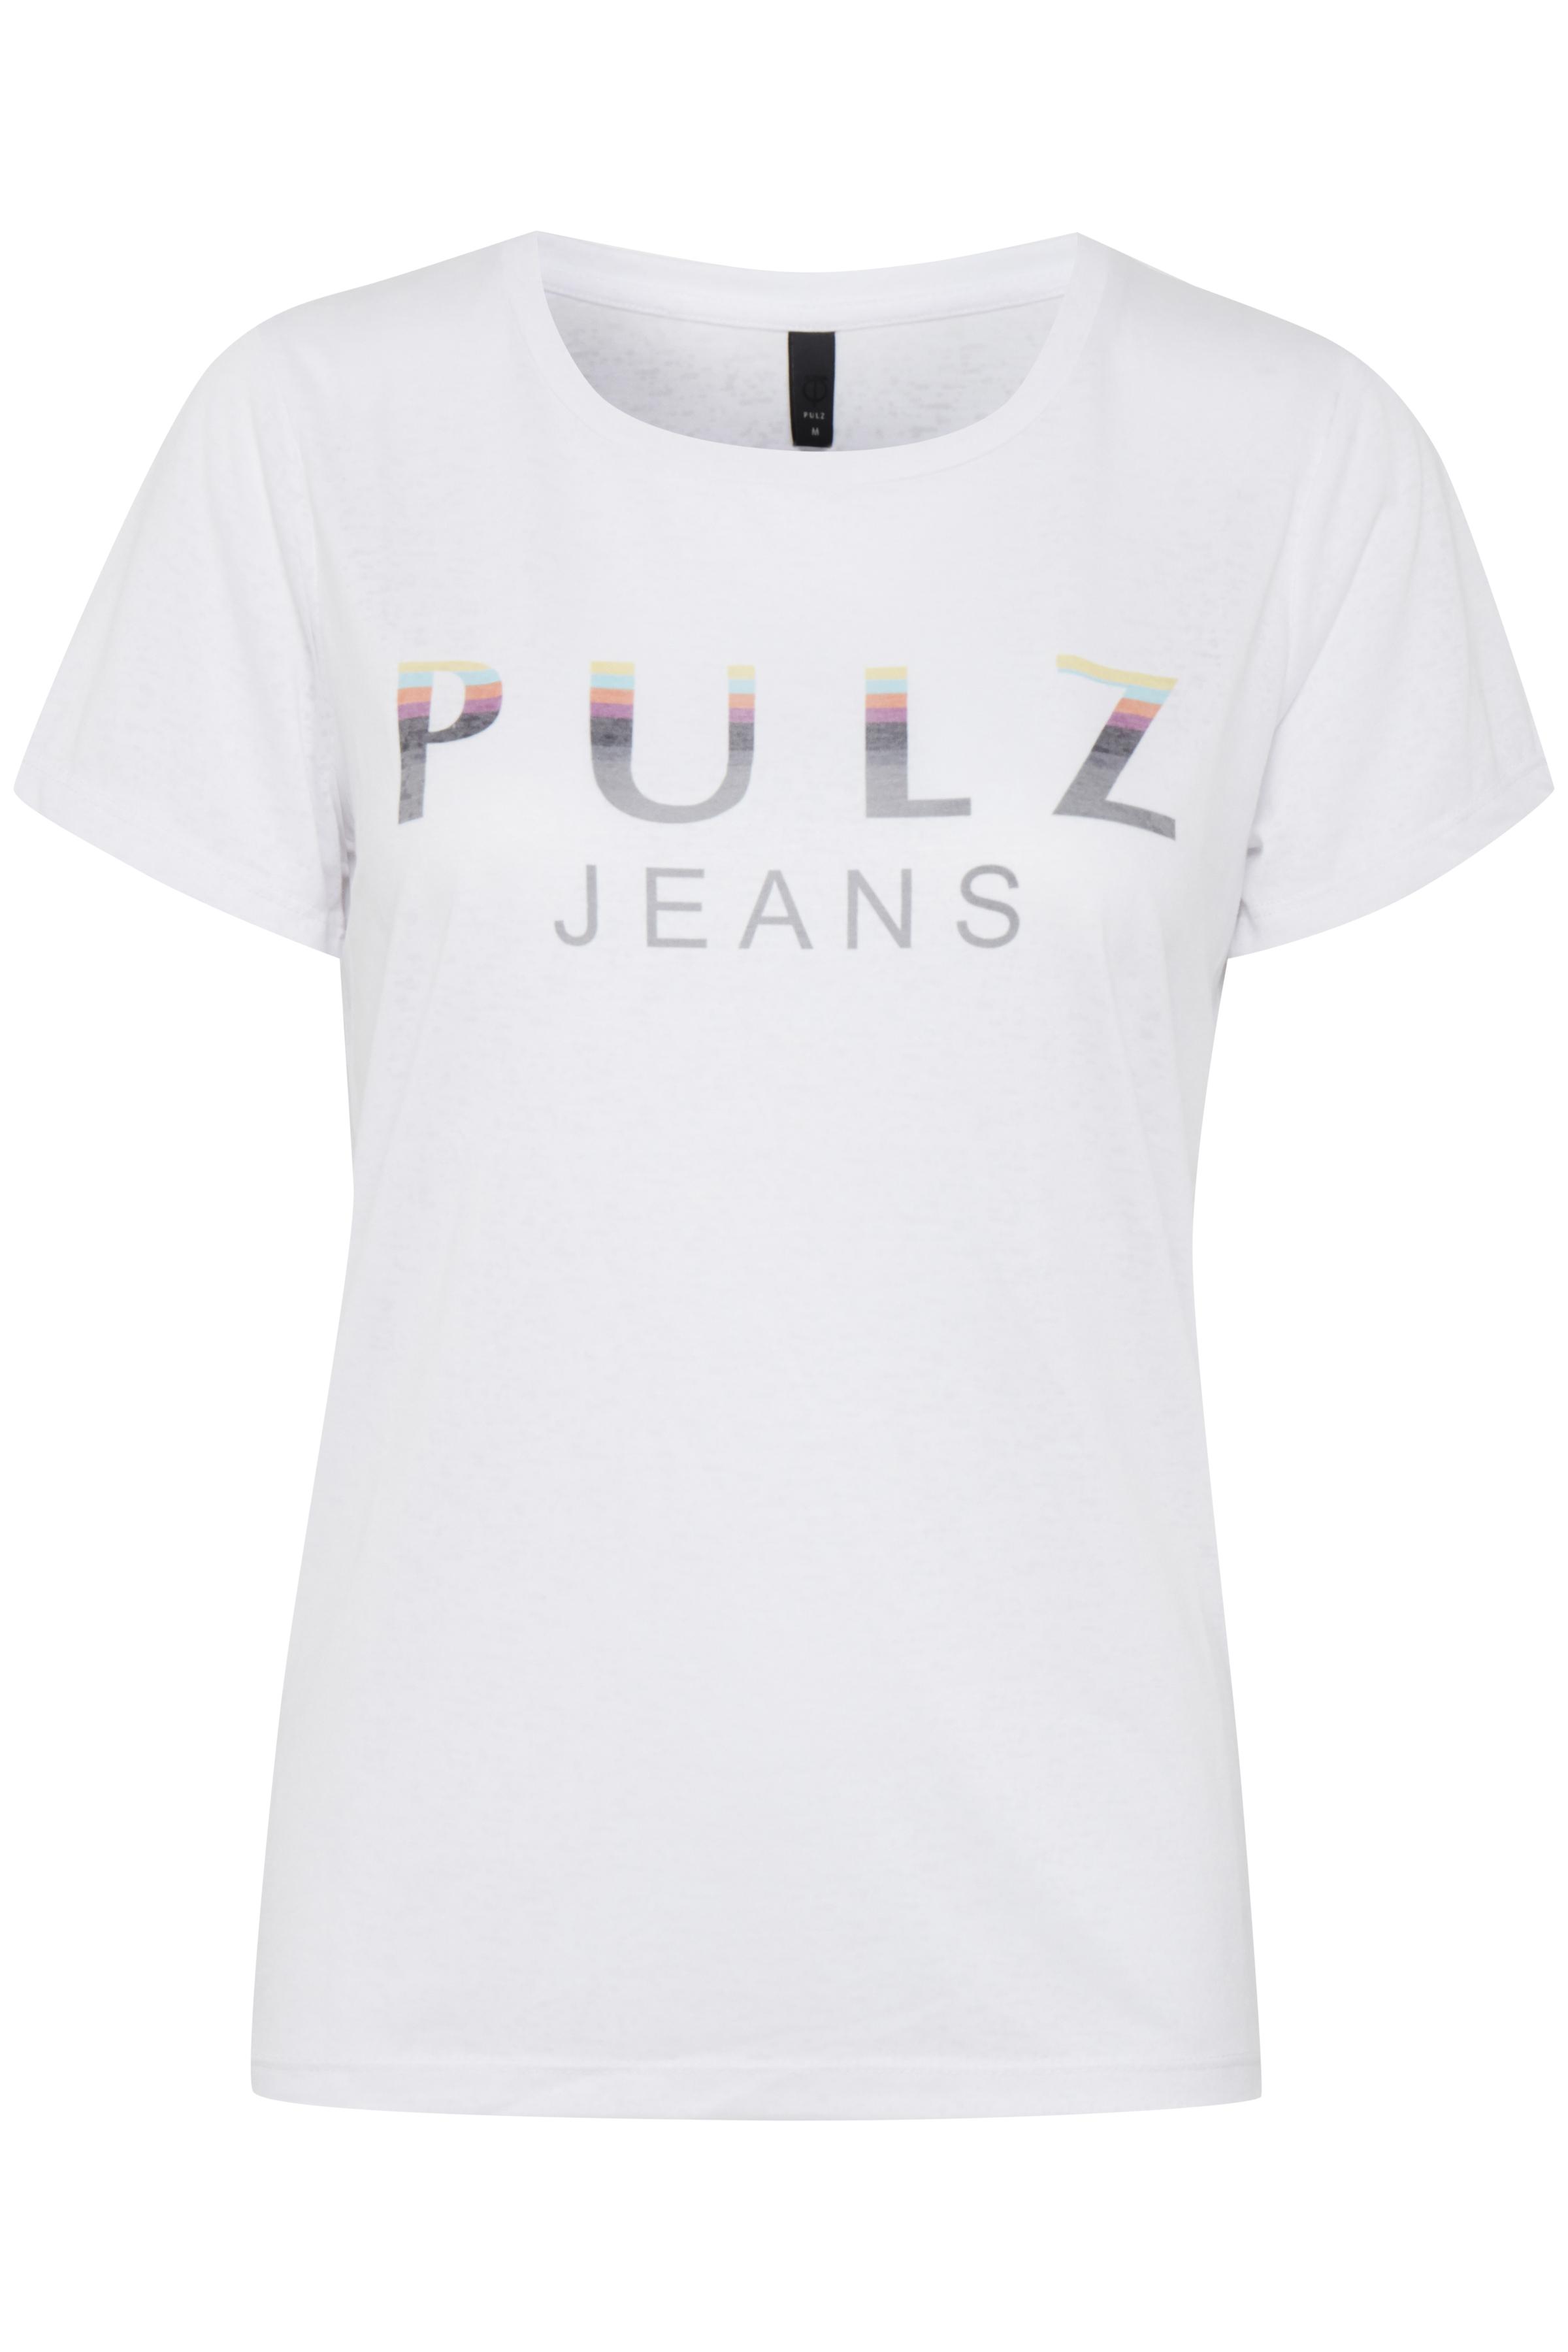 Hvid Kortærmet T-shirt fra Pulz Jeans – Køb Hvid Kortærmet T-shirt fra str. XS-XXL her